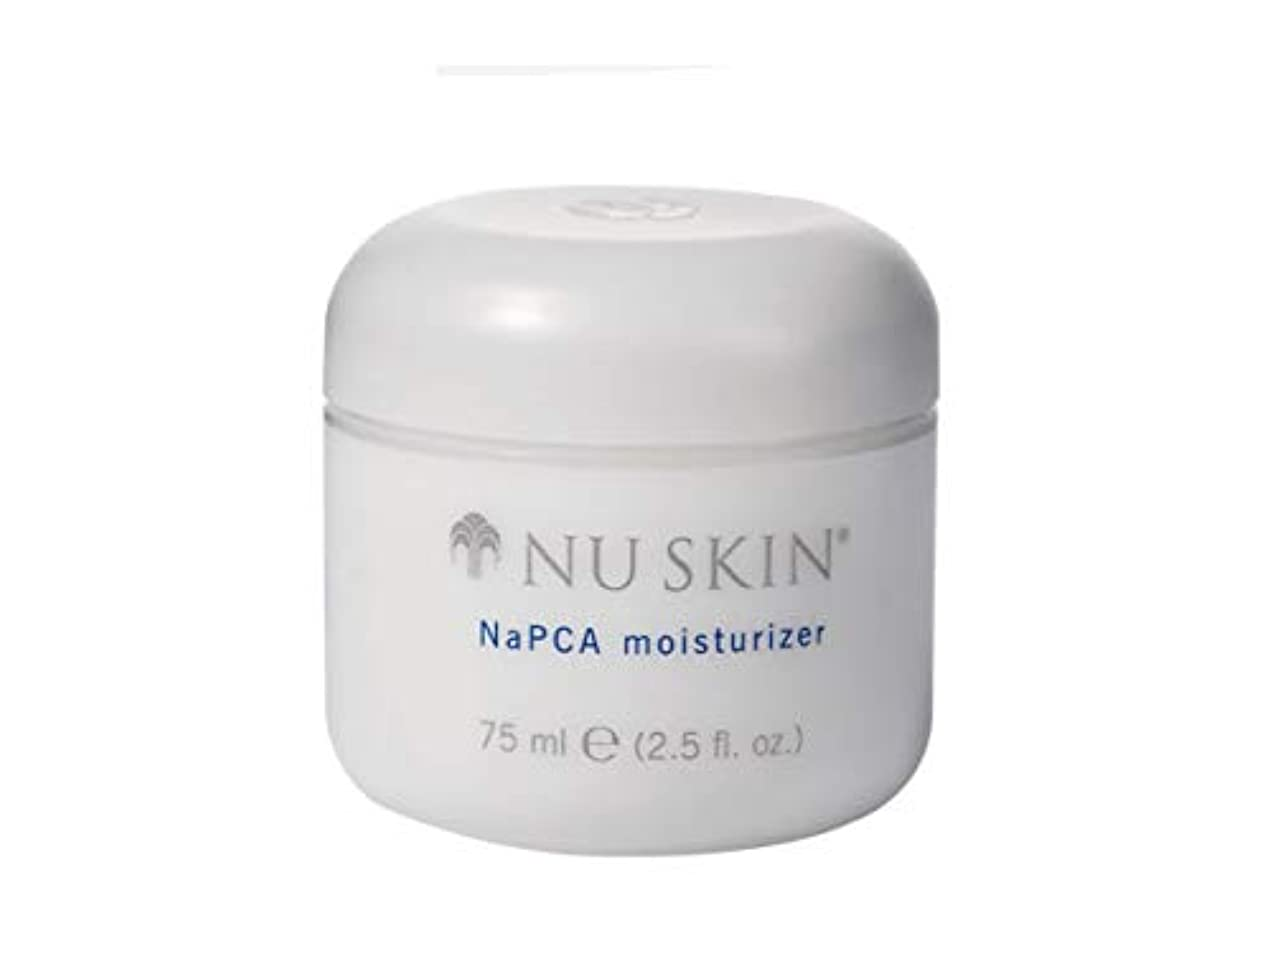 東ティモール早いいつかニュースキン NU SKIN NaPCA moisturizer 75ml モイスチャライザー 【並行輸入品】